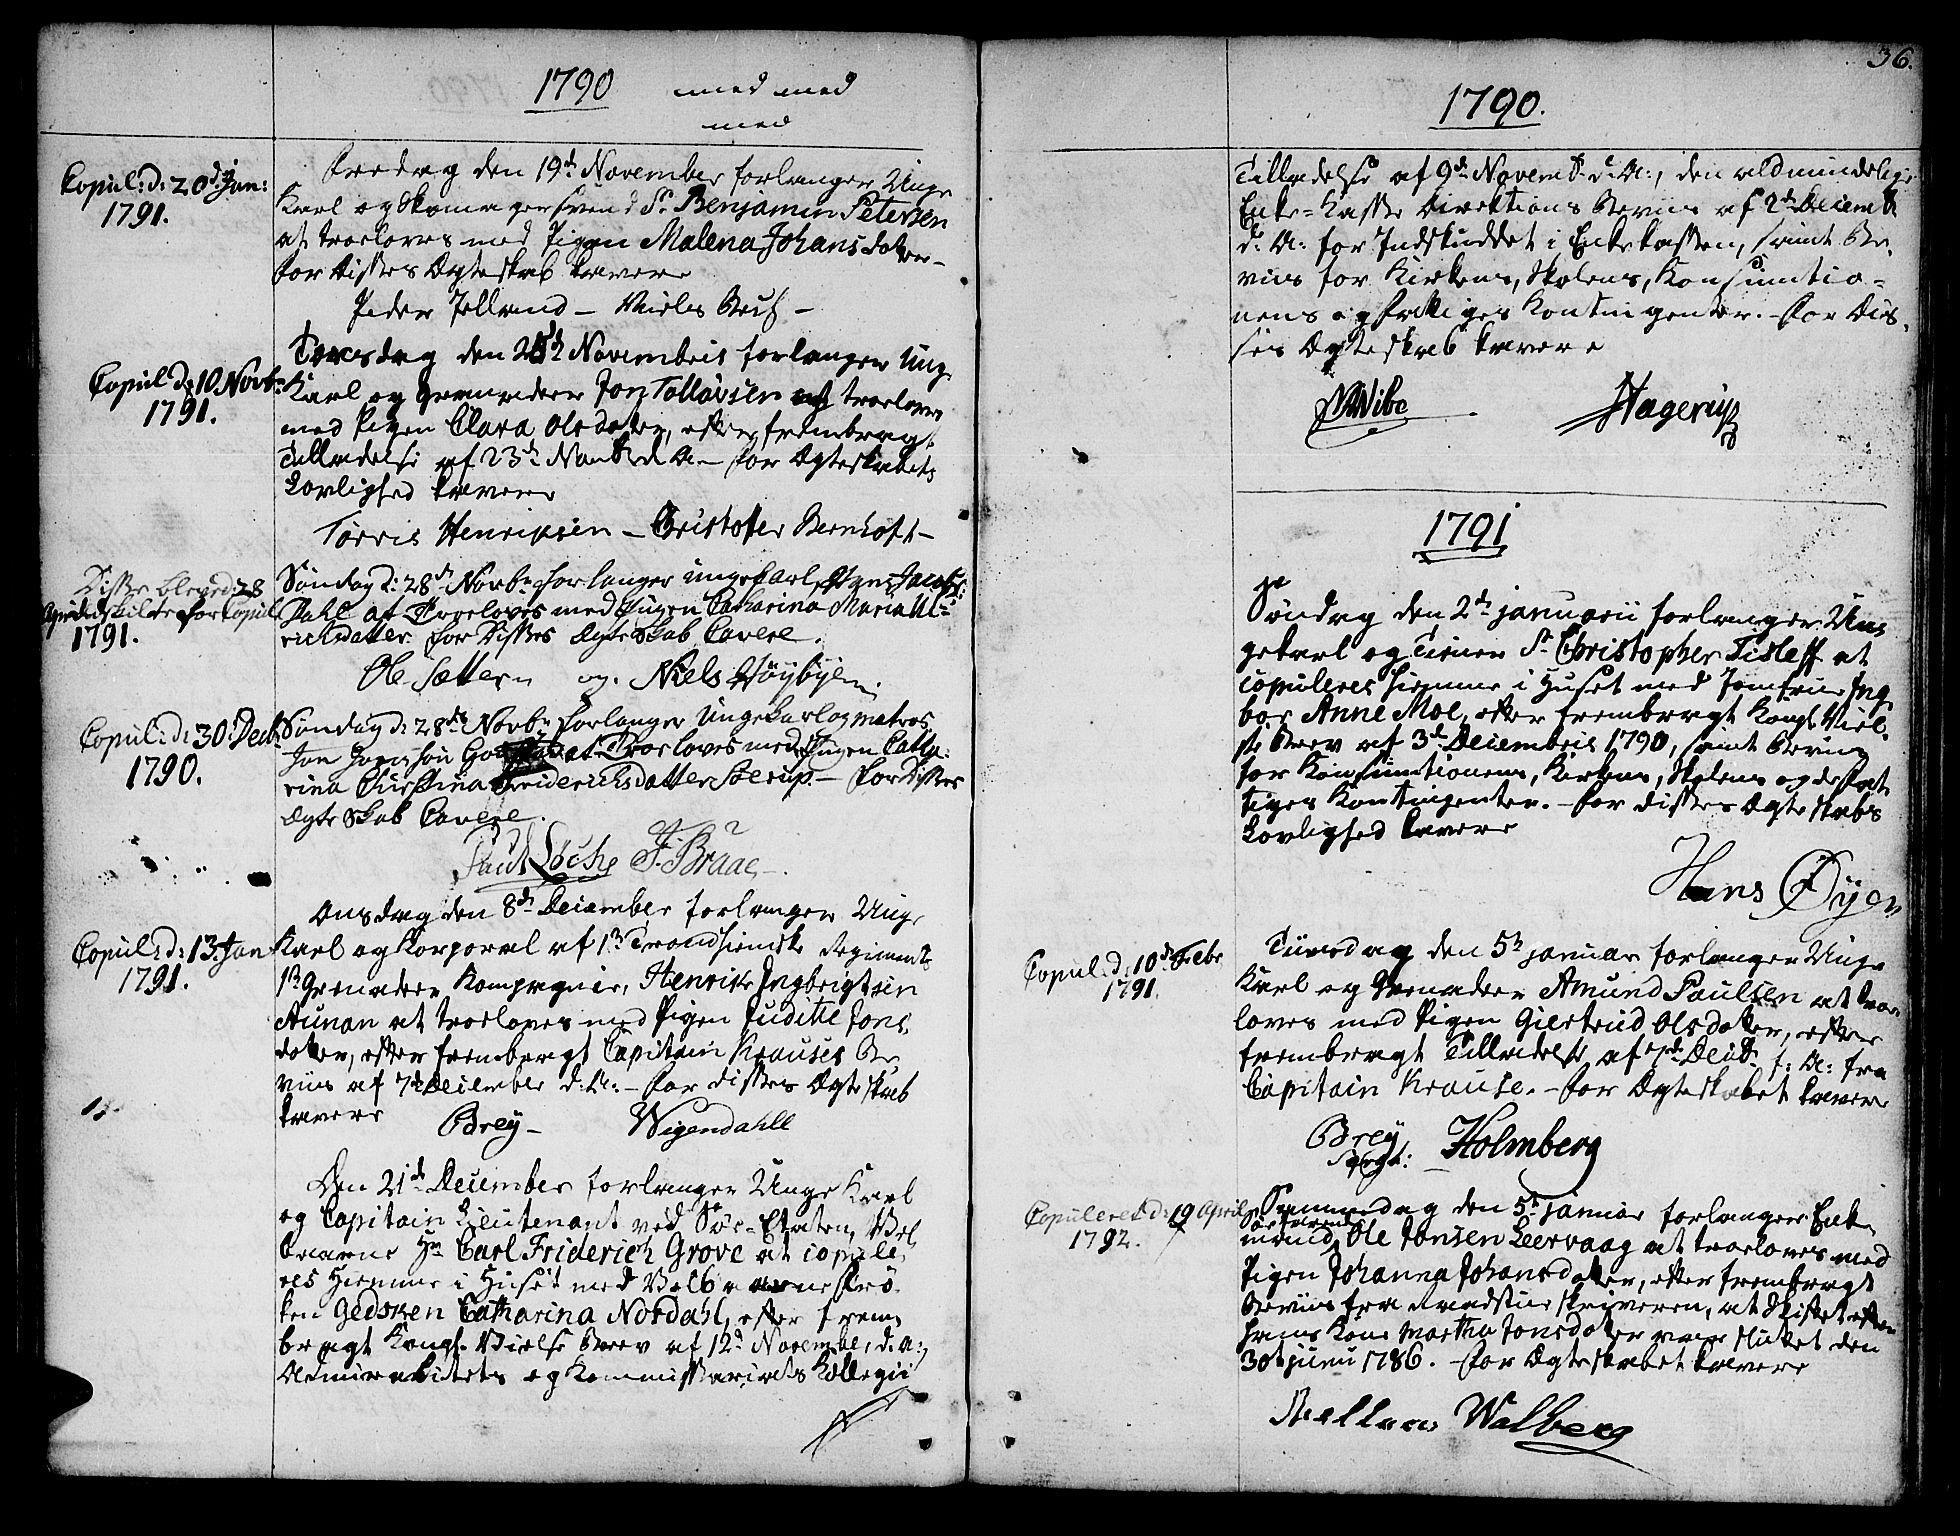 SAT, Ministerialprotokoller, klokkerbøker og fødselsregistre - Sør-Trøndelag, 601/L0041: Ministerialbok nr. 601A09, 1784-1801, s. 36